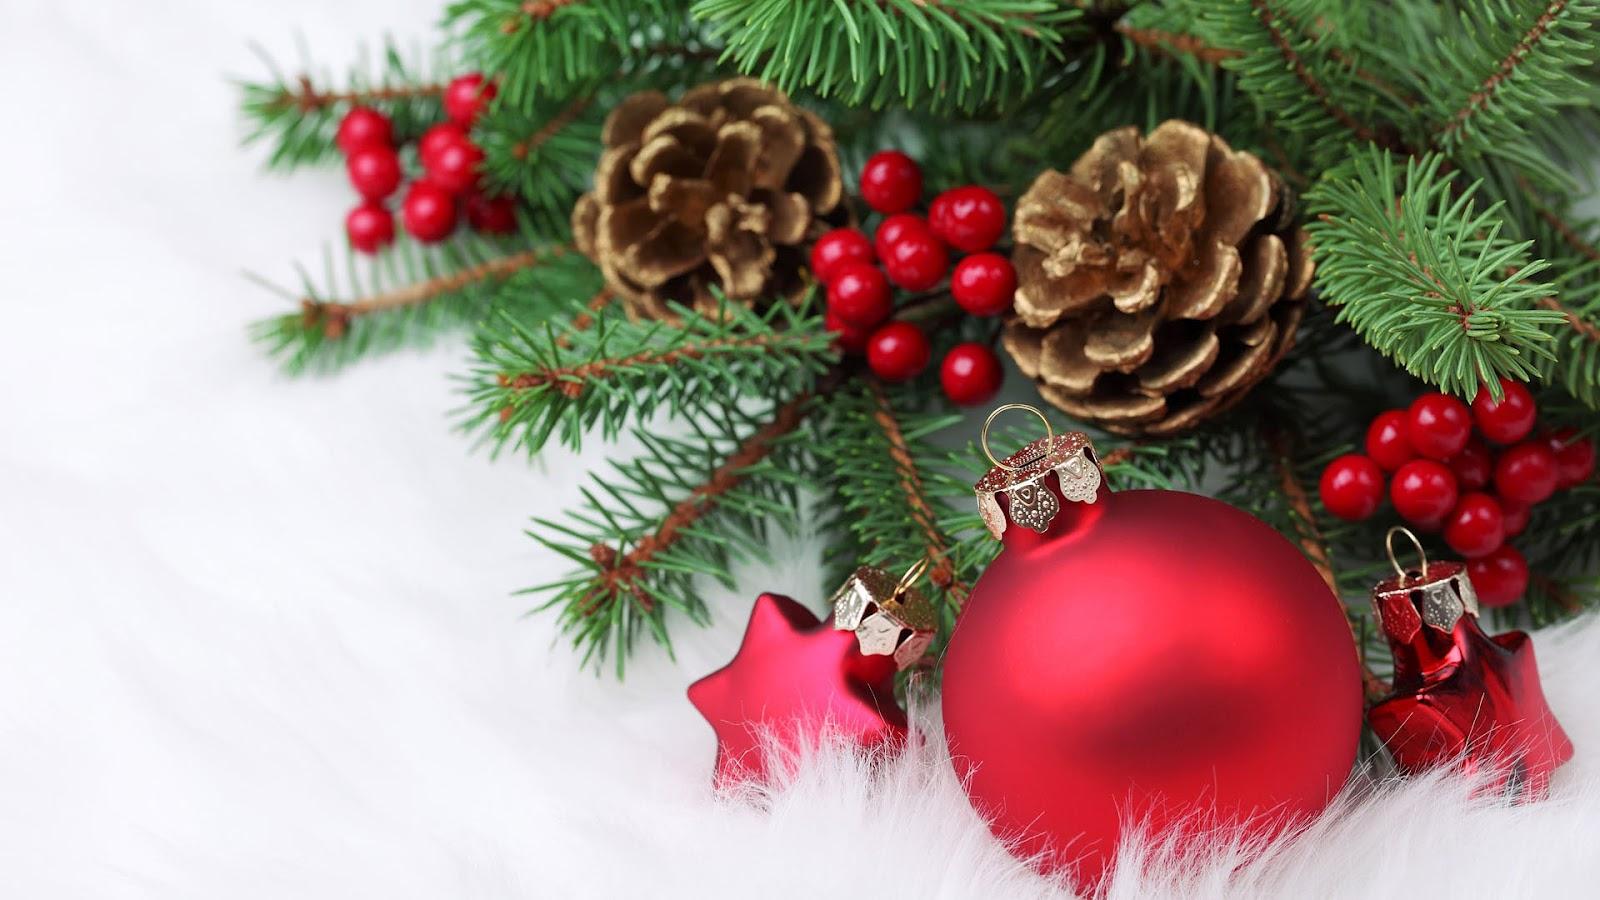 bijna Kerstmis